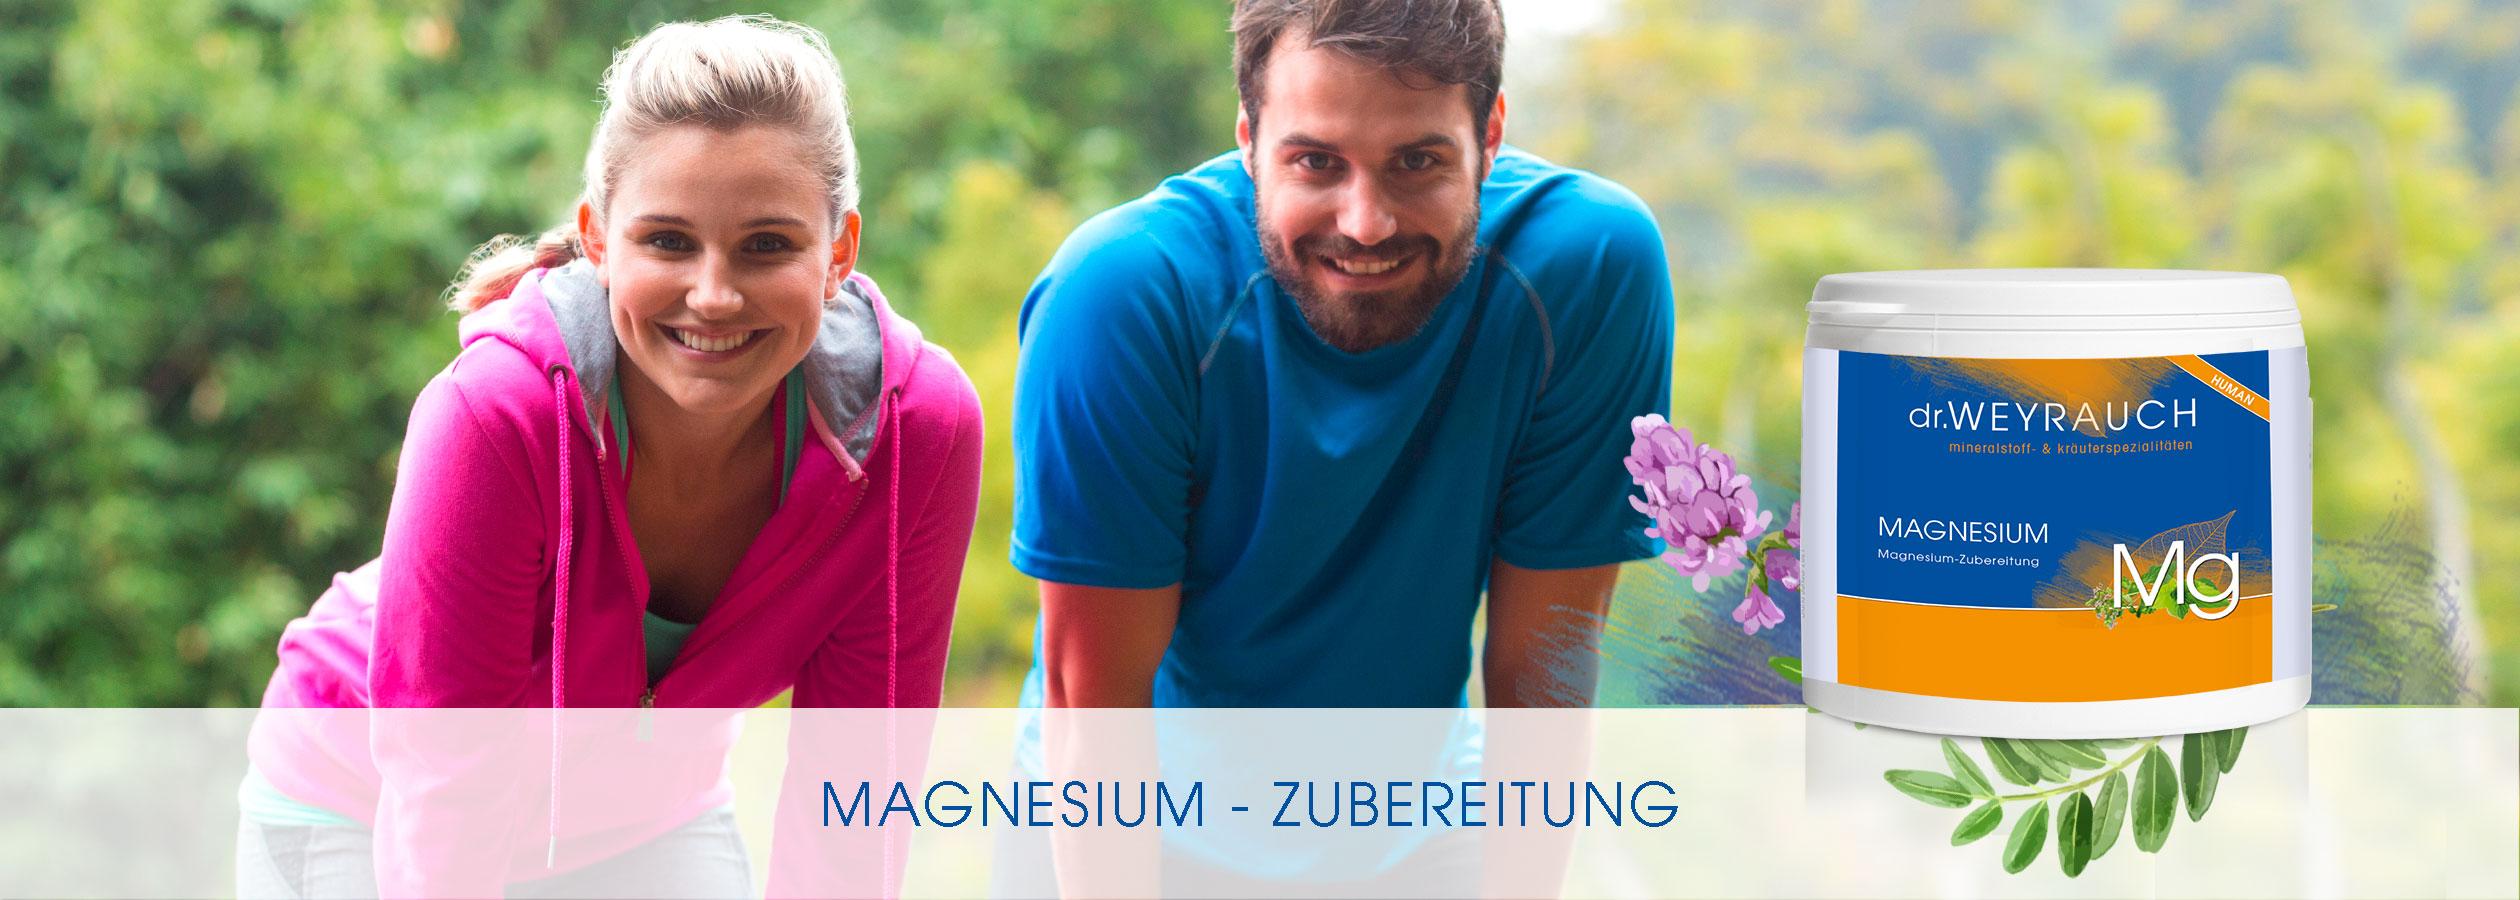 HEADER-2021-Magnesium-Human-V2